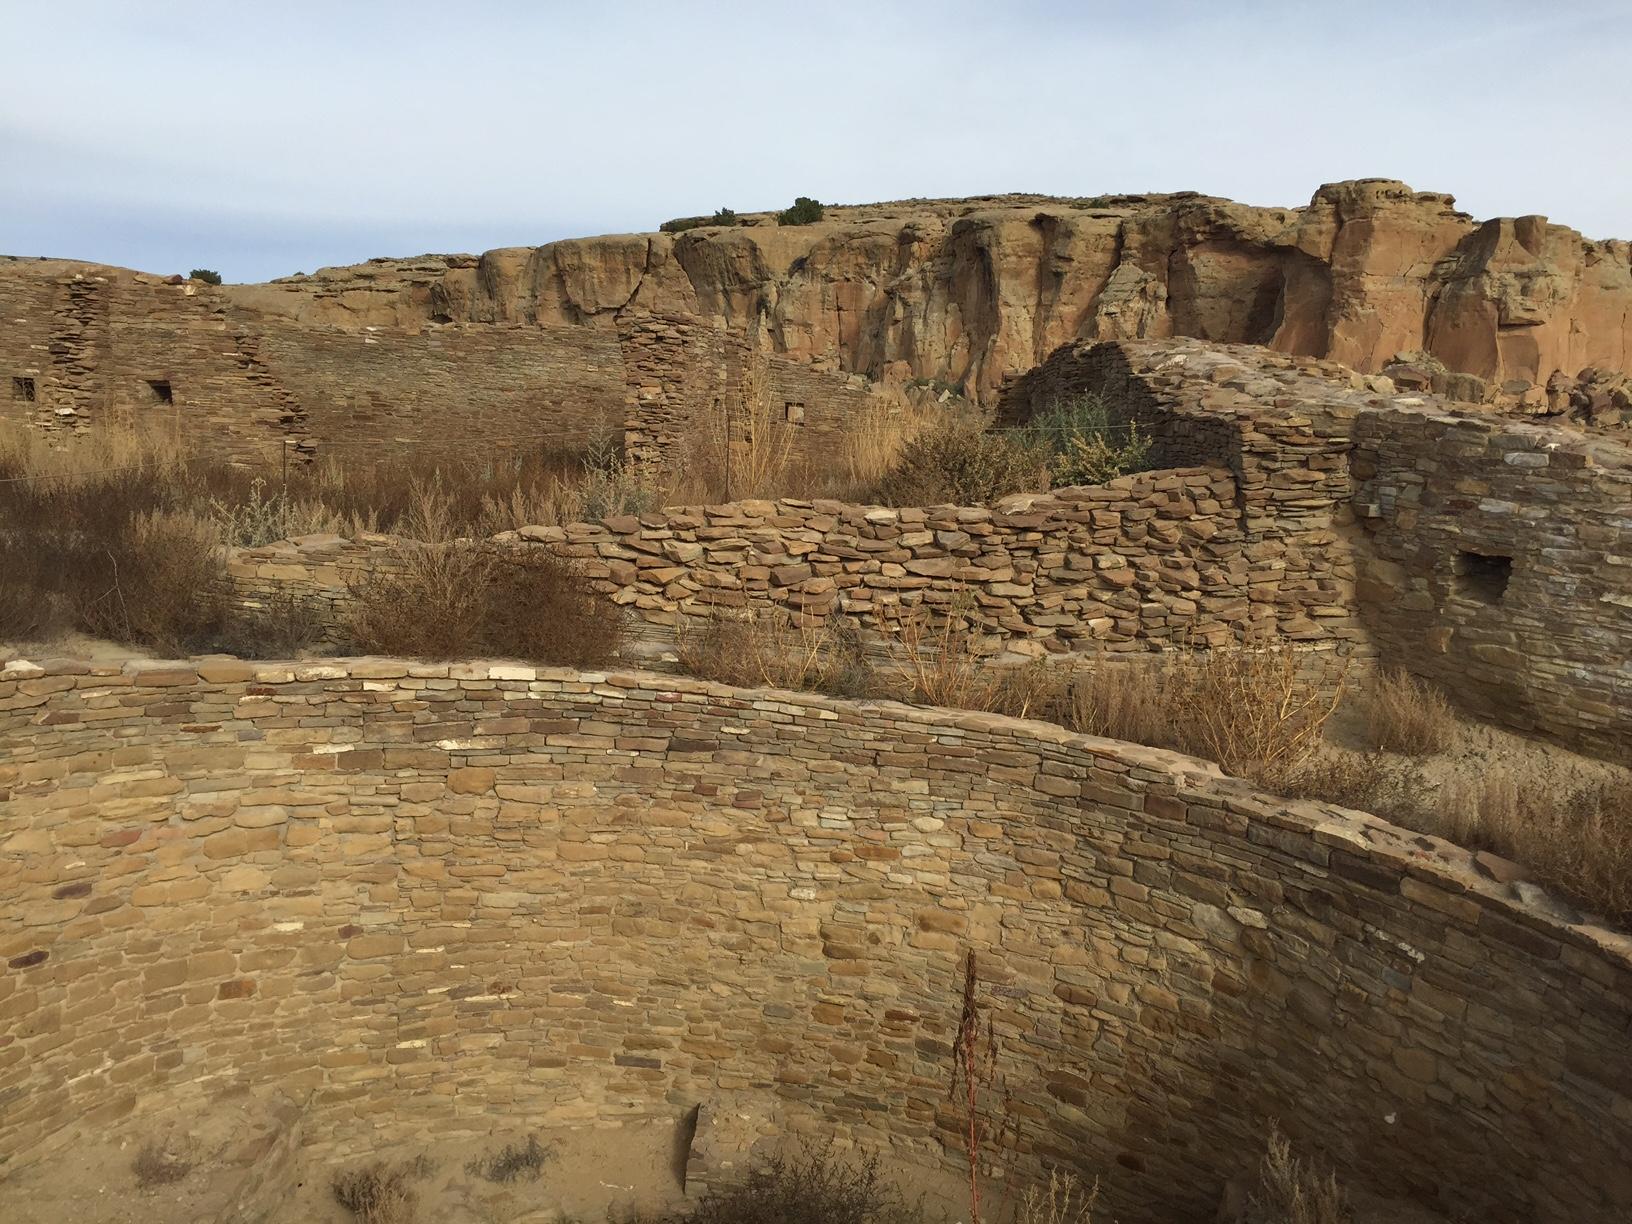 Walls at Chaco